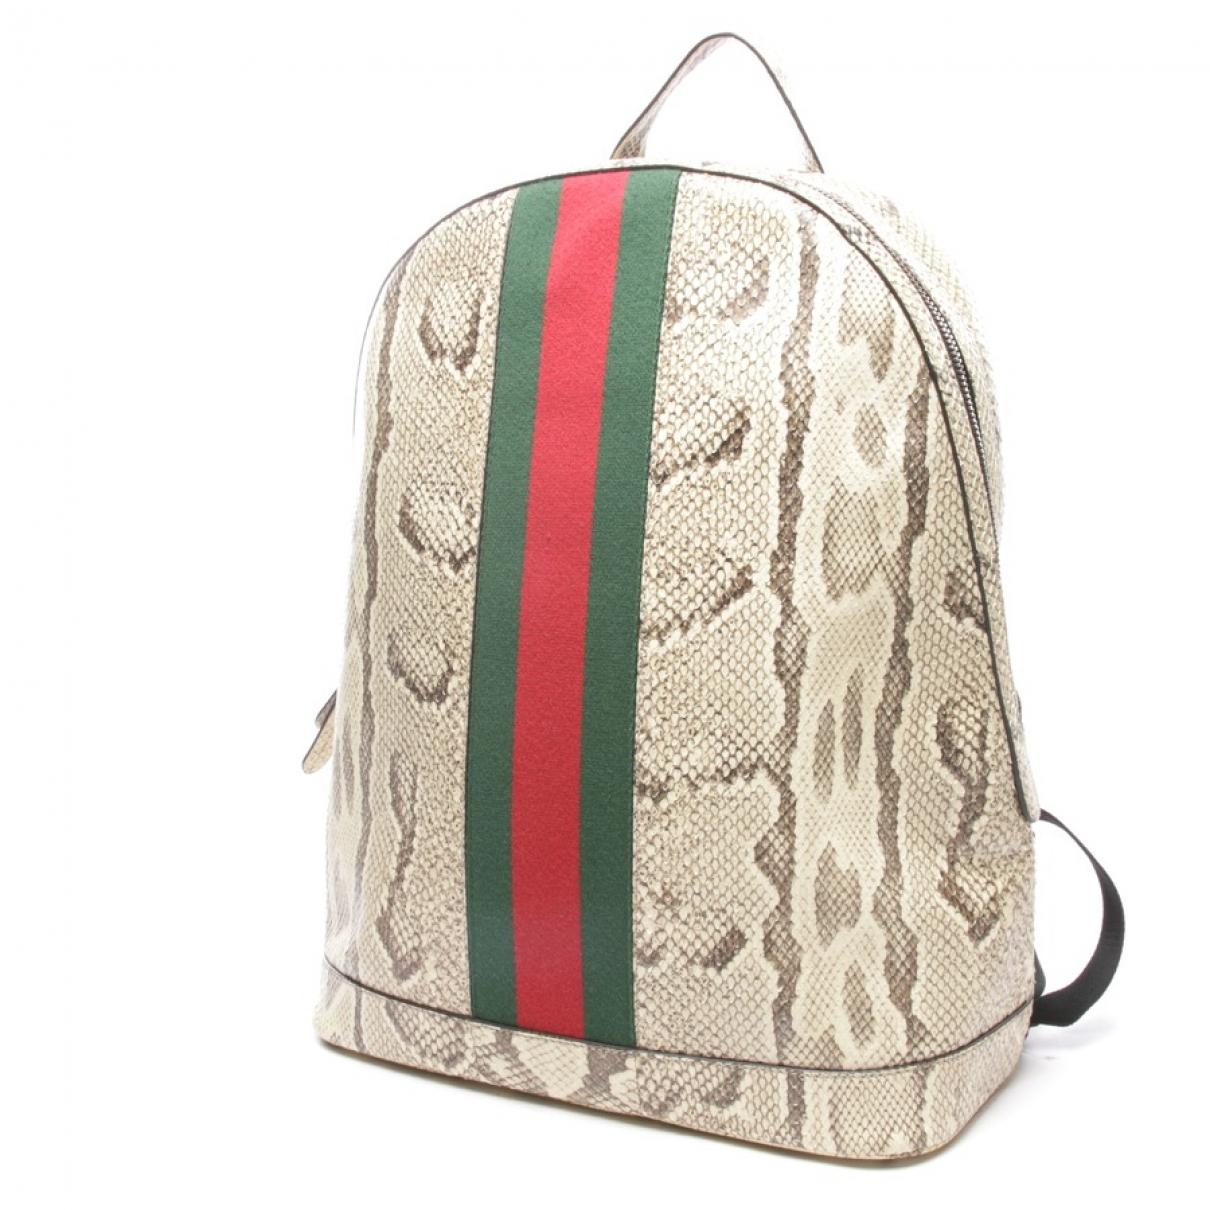 Gucci - Sac a dos Animalier pour femme en python - multicolore